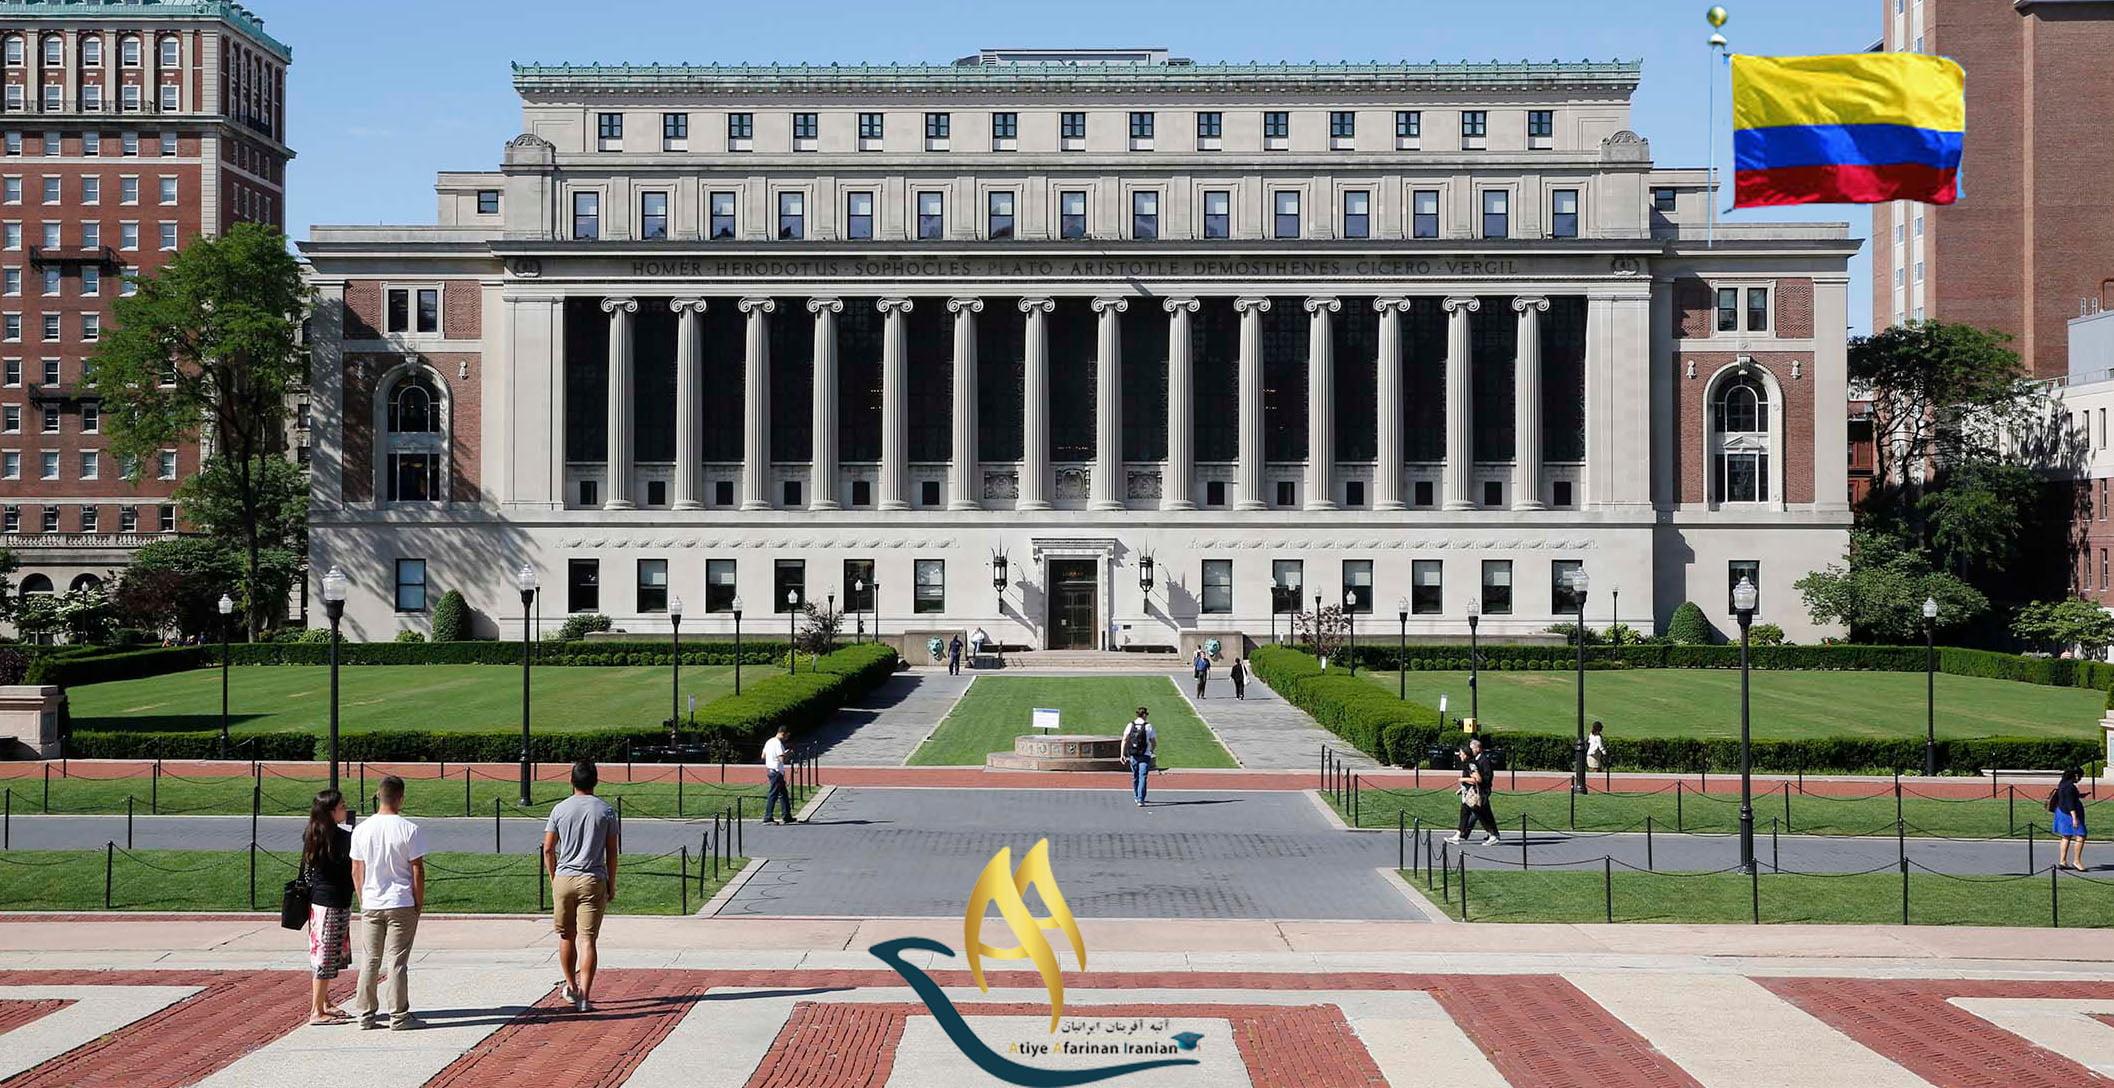 دانشگاه های مورد تایید وزارت علوم در کلمبیا